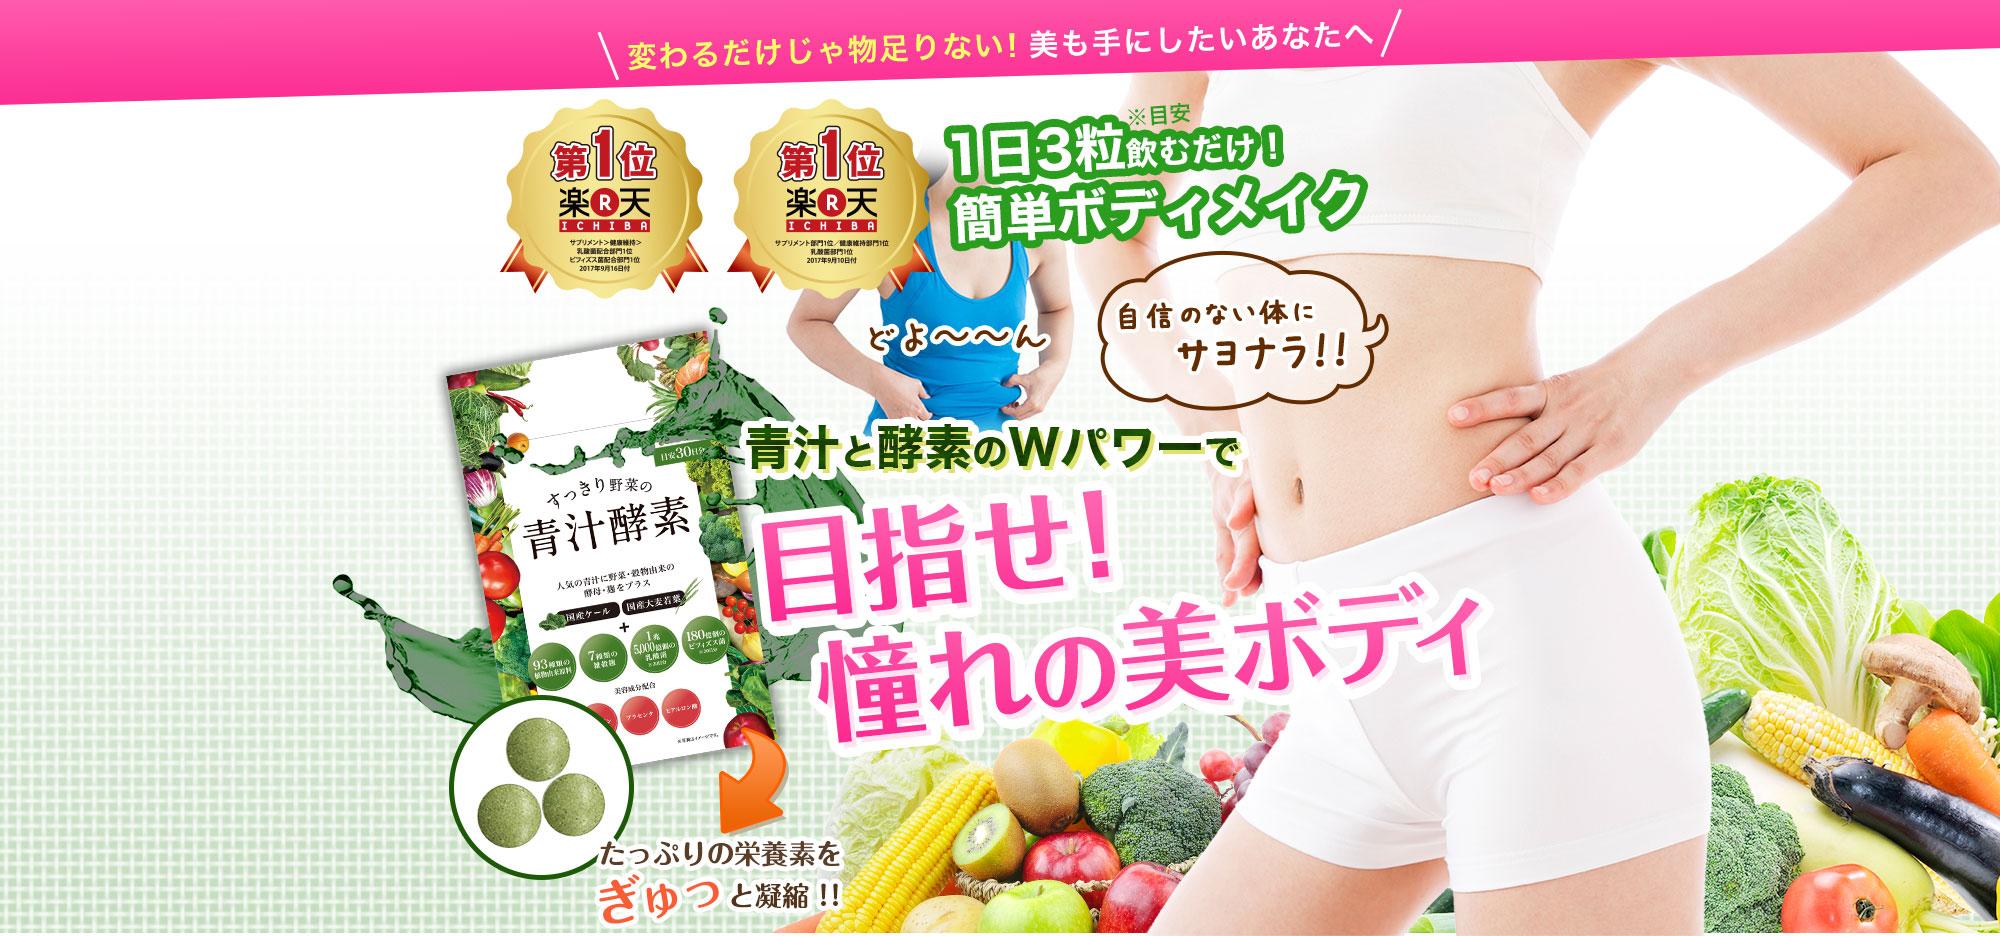 「すっきり野菜の青汁酵素」の口コミや評判は嘘!?効果は本当に出るの?気になる成分、飲み方の秘訣を公開中!